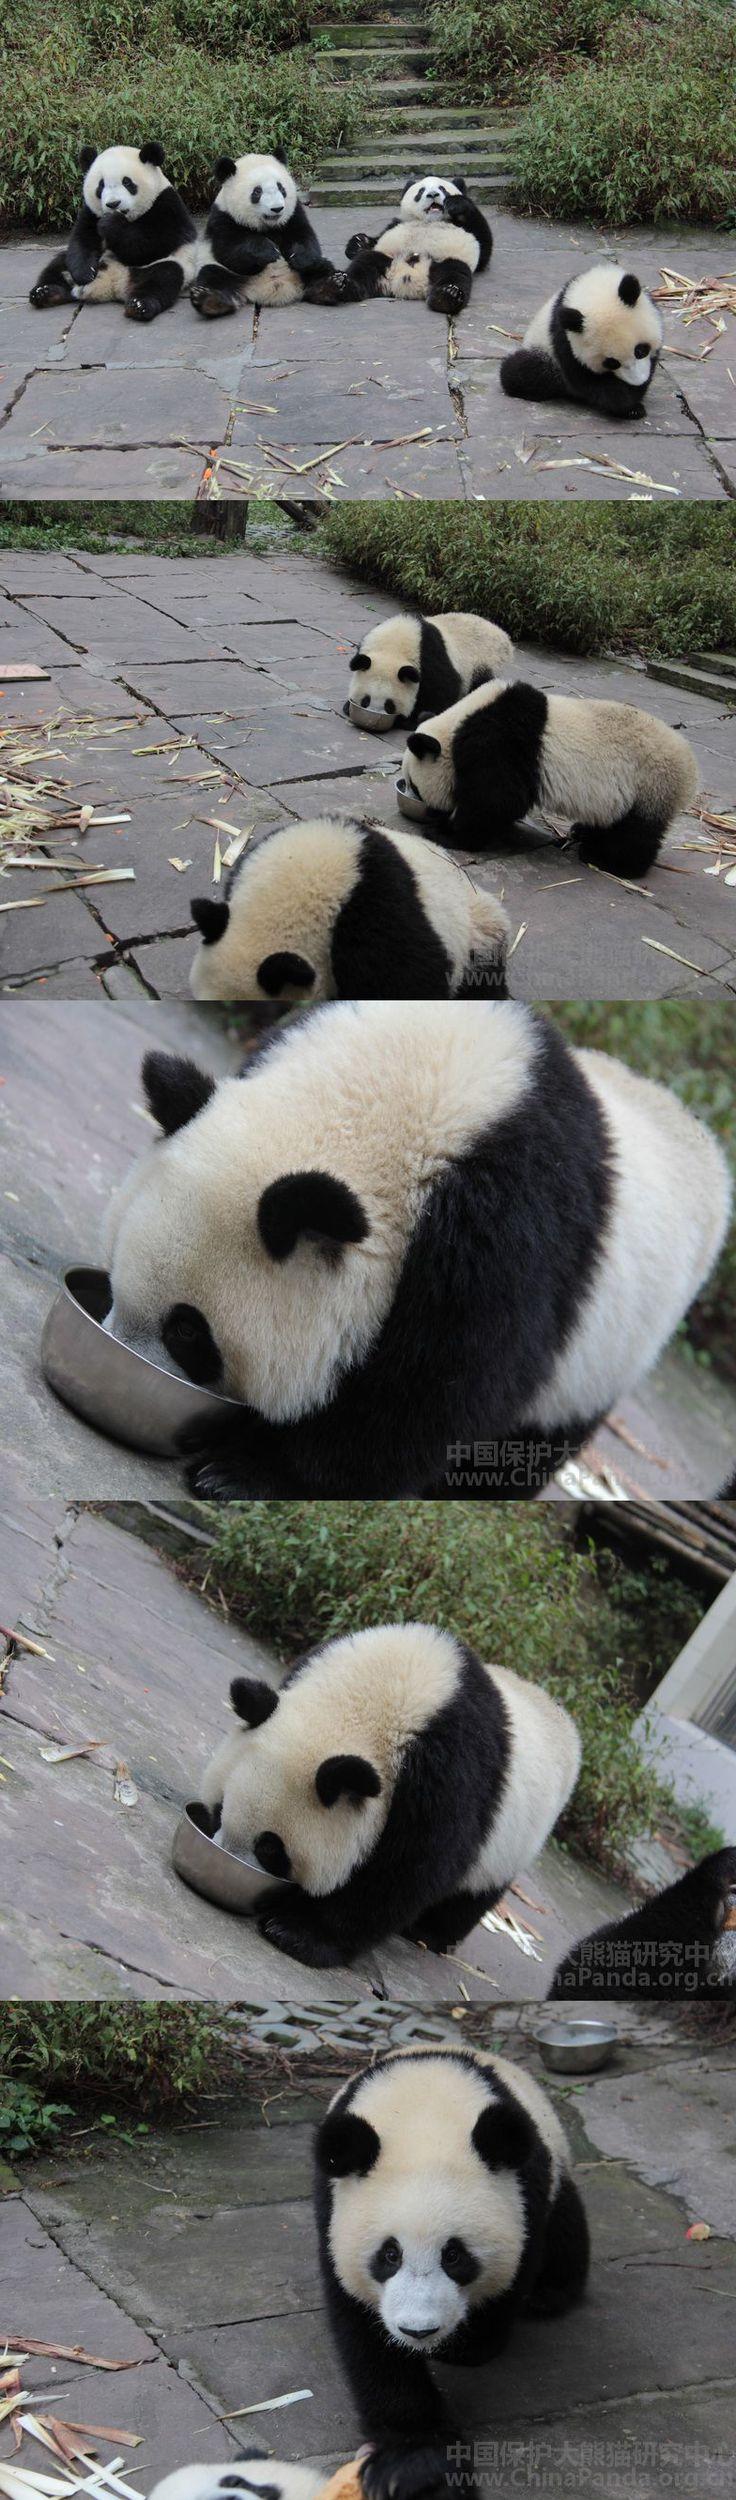 Panda's Milk Time :)   #Panda